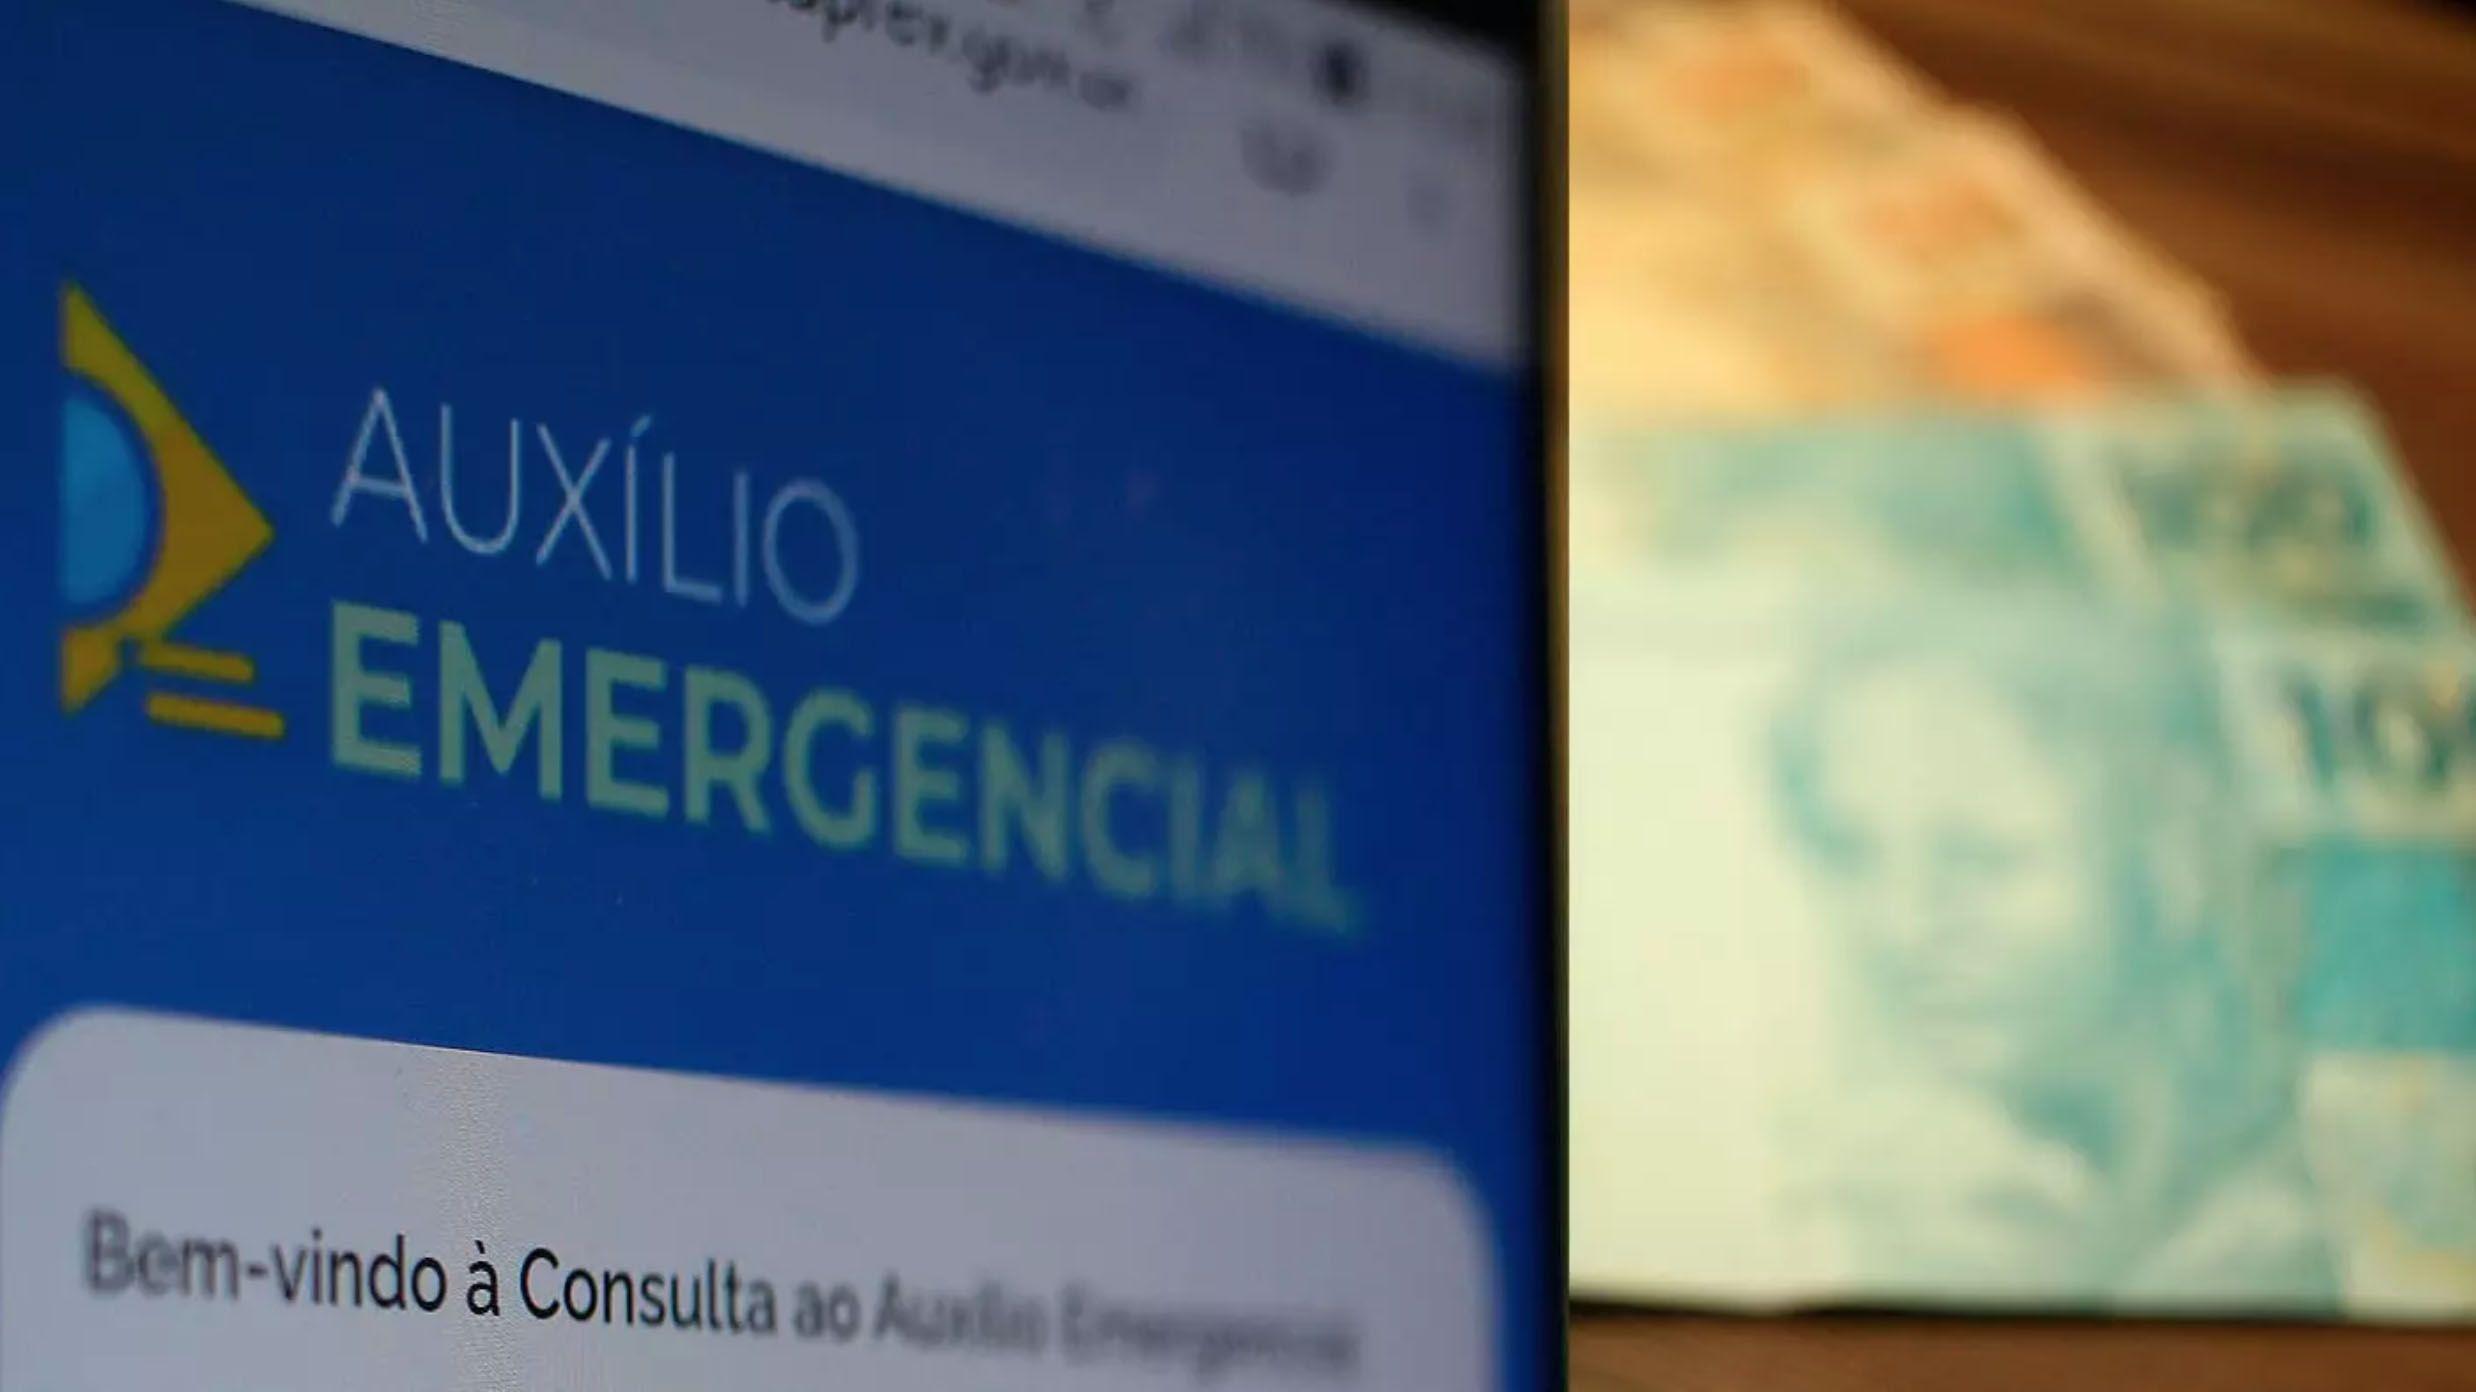 Parcelas retroativas de R$ 600,00 do Auxílio Emergencial